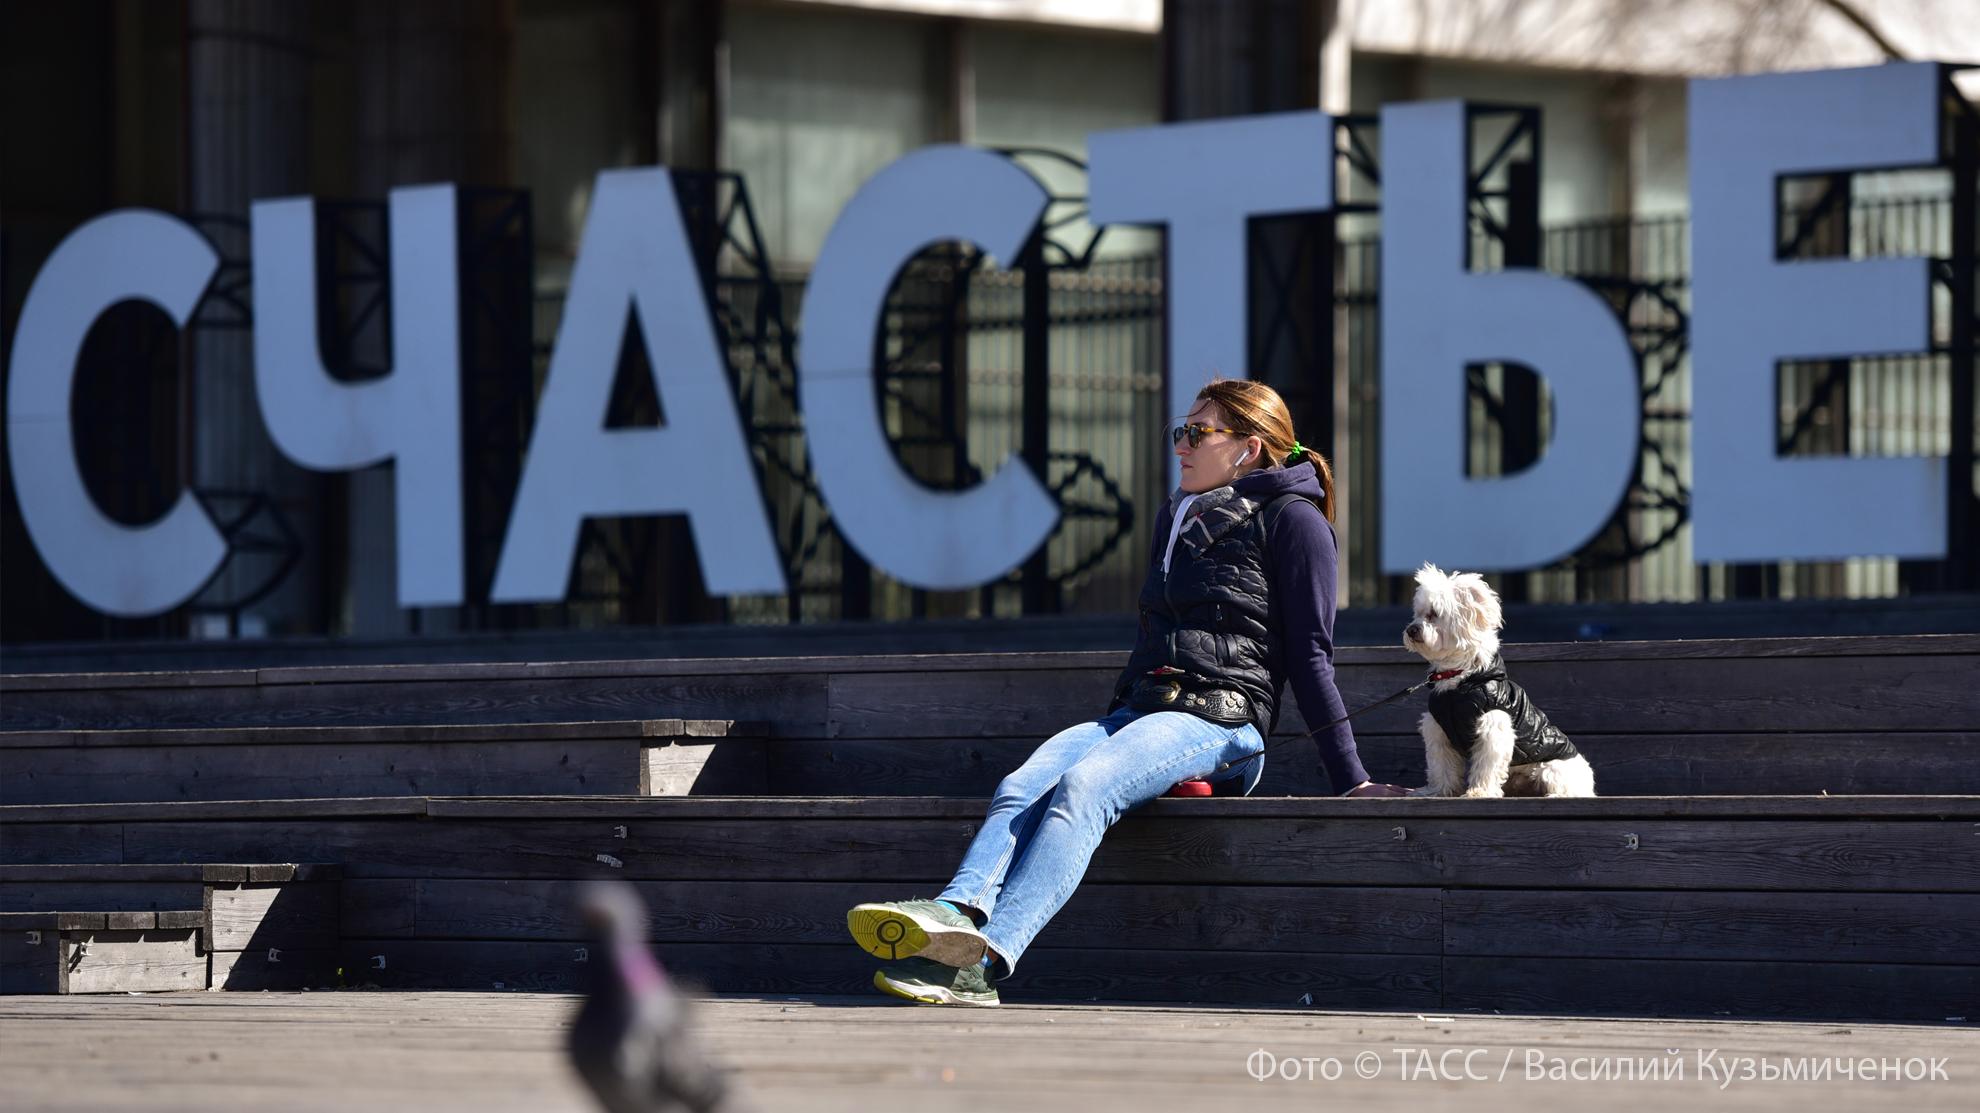 Здоровье, реформы, кредиты, туризм: что принесёт россиянам новый астрологический год